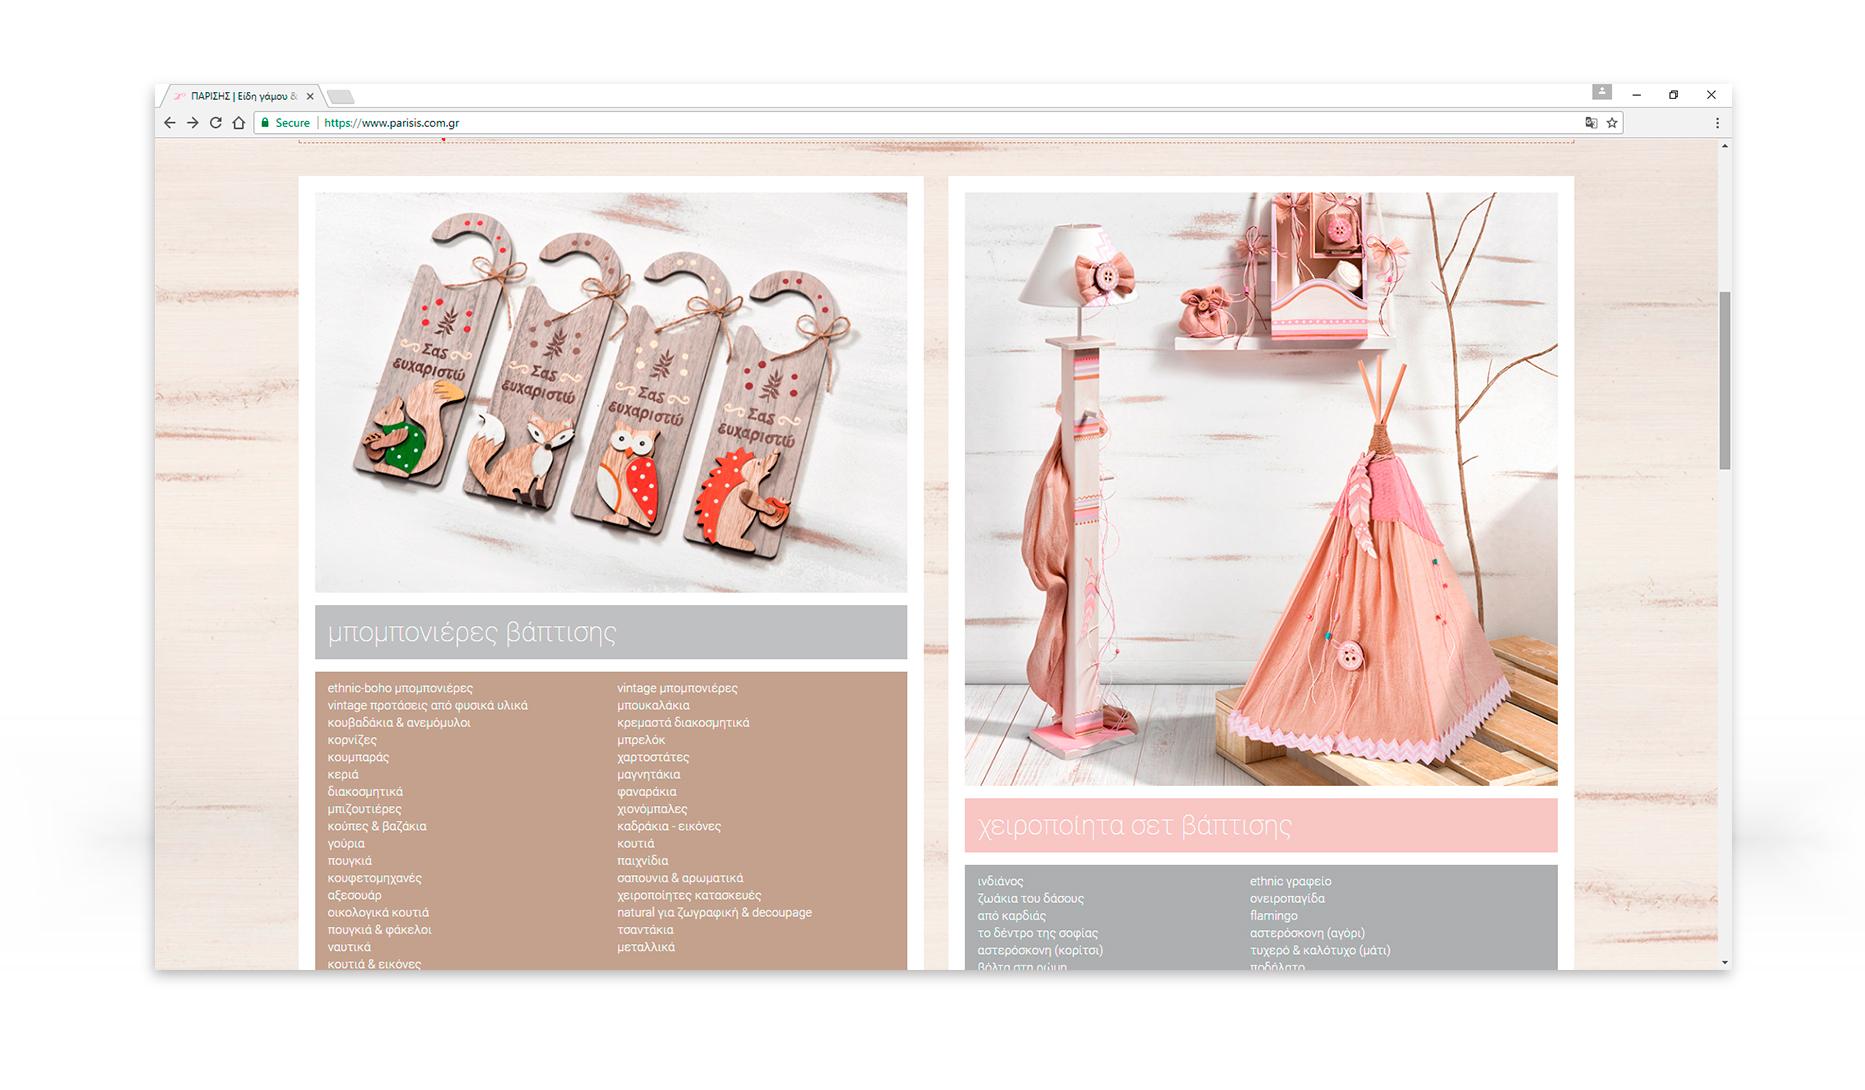 Δημιουργία website για την εταιρία ΠΑΡΙΣΗΣ • adeadpixel